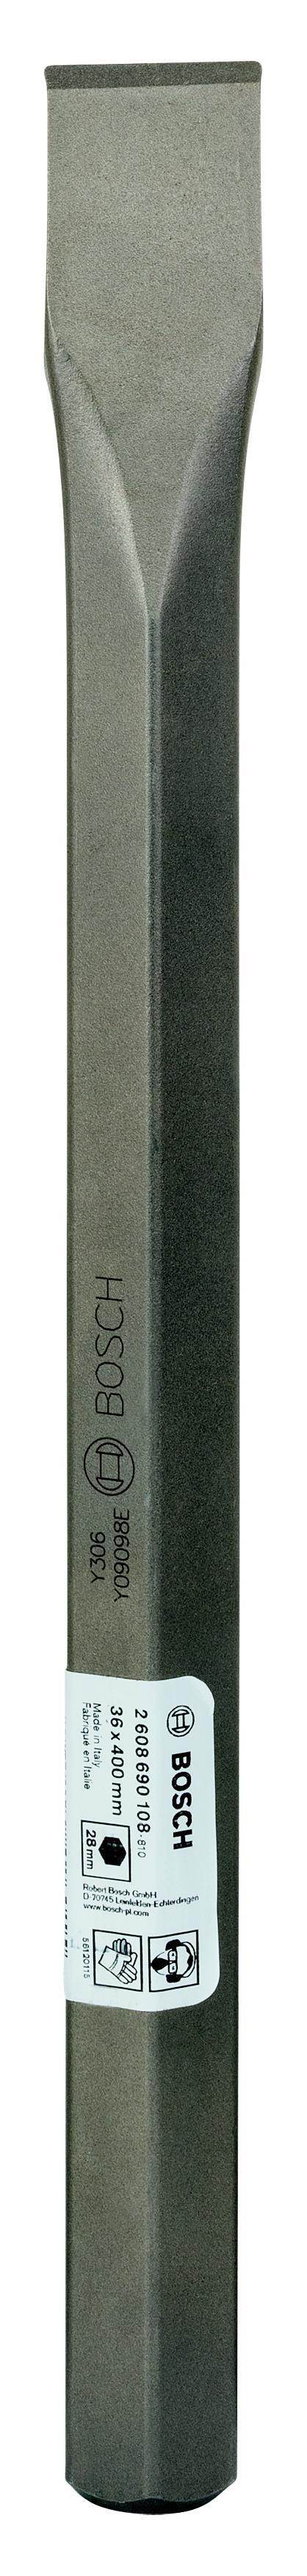 Зубило Bosch 36x400 плоское (2.608.690.108) зубило плоское bosch 1618600210